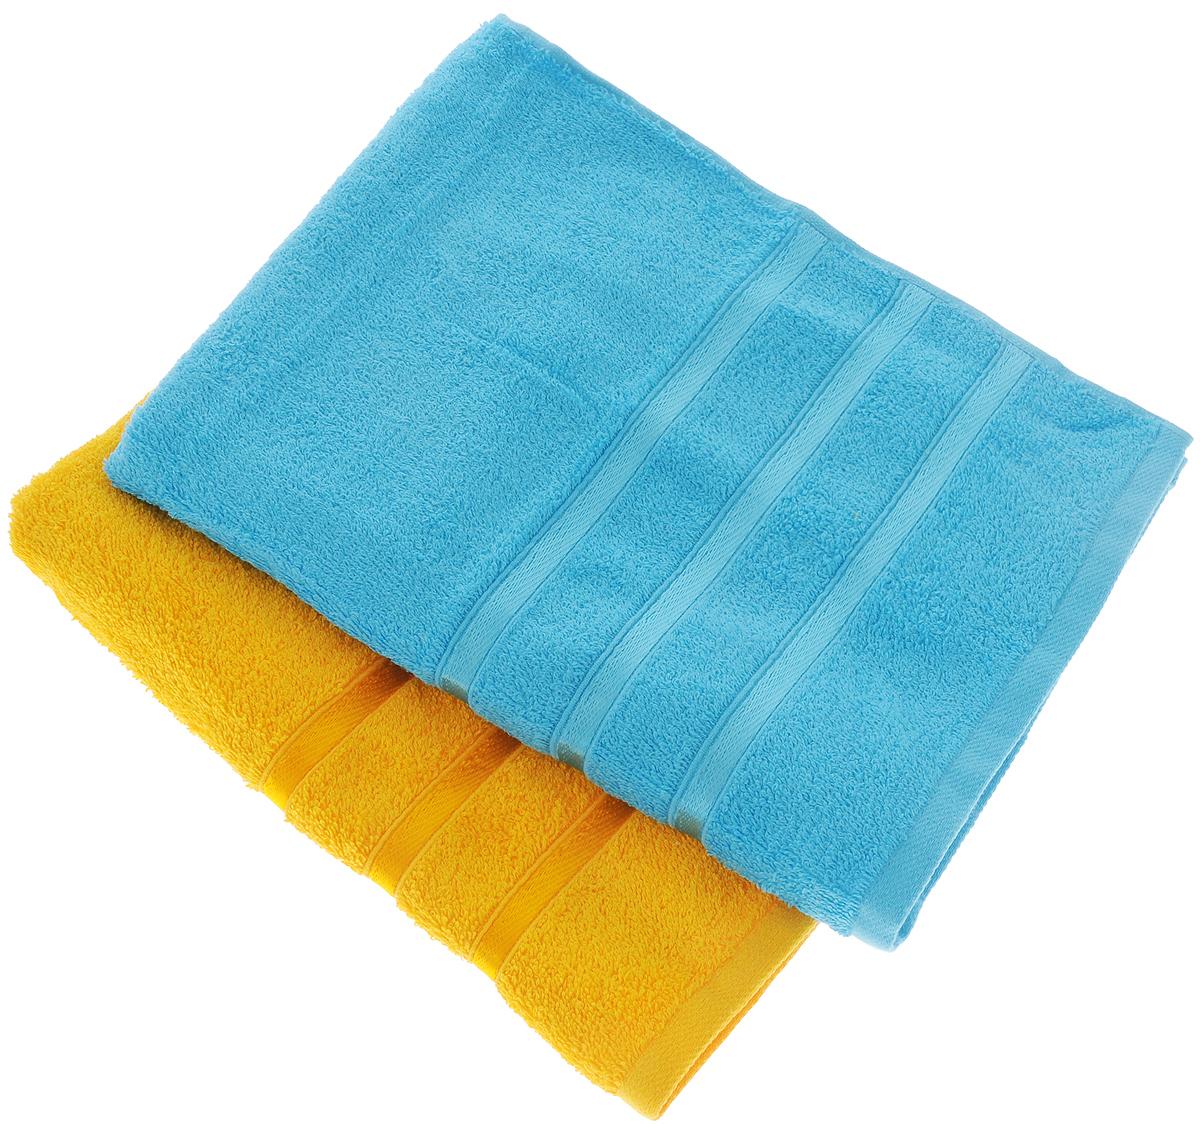 Набор полотенец Tete-a-Tete Ленты, цвет: желтый, бирюзовый, 50 х 85 см, 2 шт10503Набор Tete-a-Tete Ленты состоит из двух махровых полотенец, выполненных из натурального 100% хлопка. Бордюр полотенец декорирован лентами. Изделия мягкие, отлично впитывают влагу, быстро сохнут, сохраняют яркость цвета и не теряют форму даже после многократных стирок. Полотенца Tete-a-Tete Ленты очень практичны и неприхотливы в уходе. Они легко впишутся в любой интерьер благодаря своей нежной цветовой гамме. Набор упакован в красивую коробку и может послужить отличной идеей подарка.Размер полотенец: 50 х 85 см.